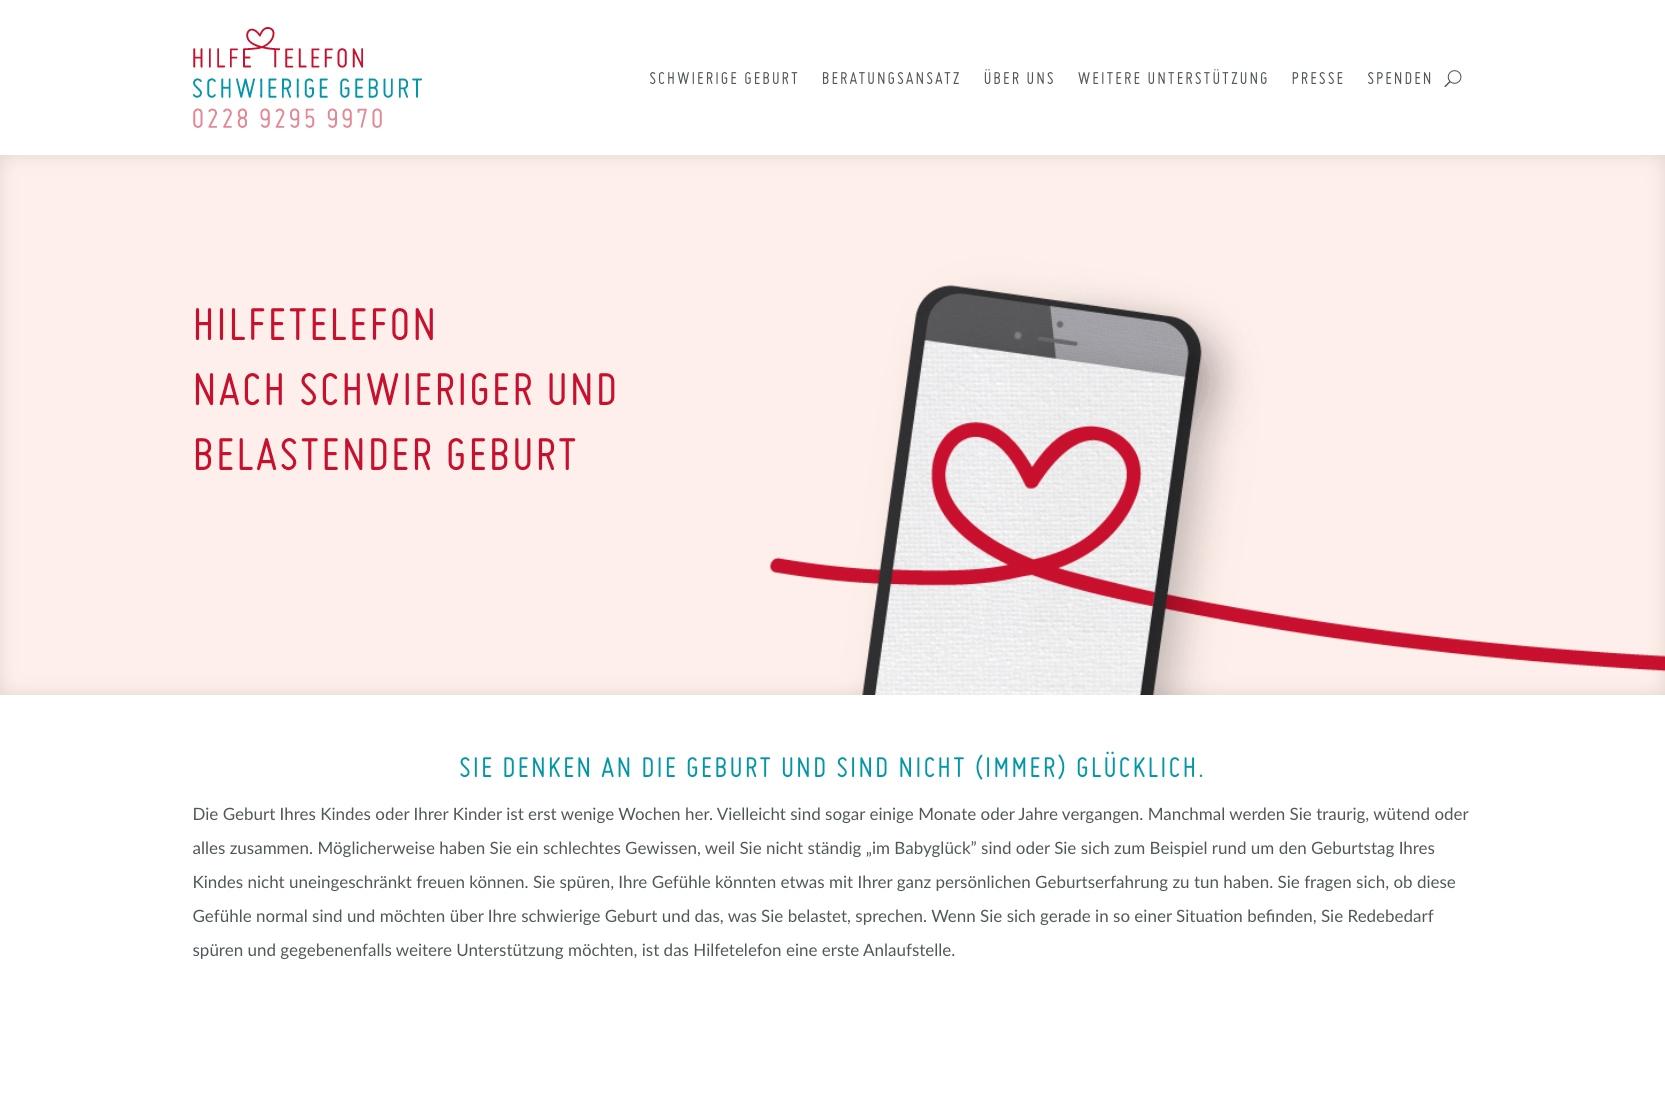 Hilfetelefon Startseite - Downloads